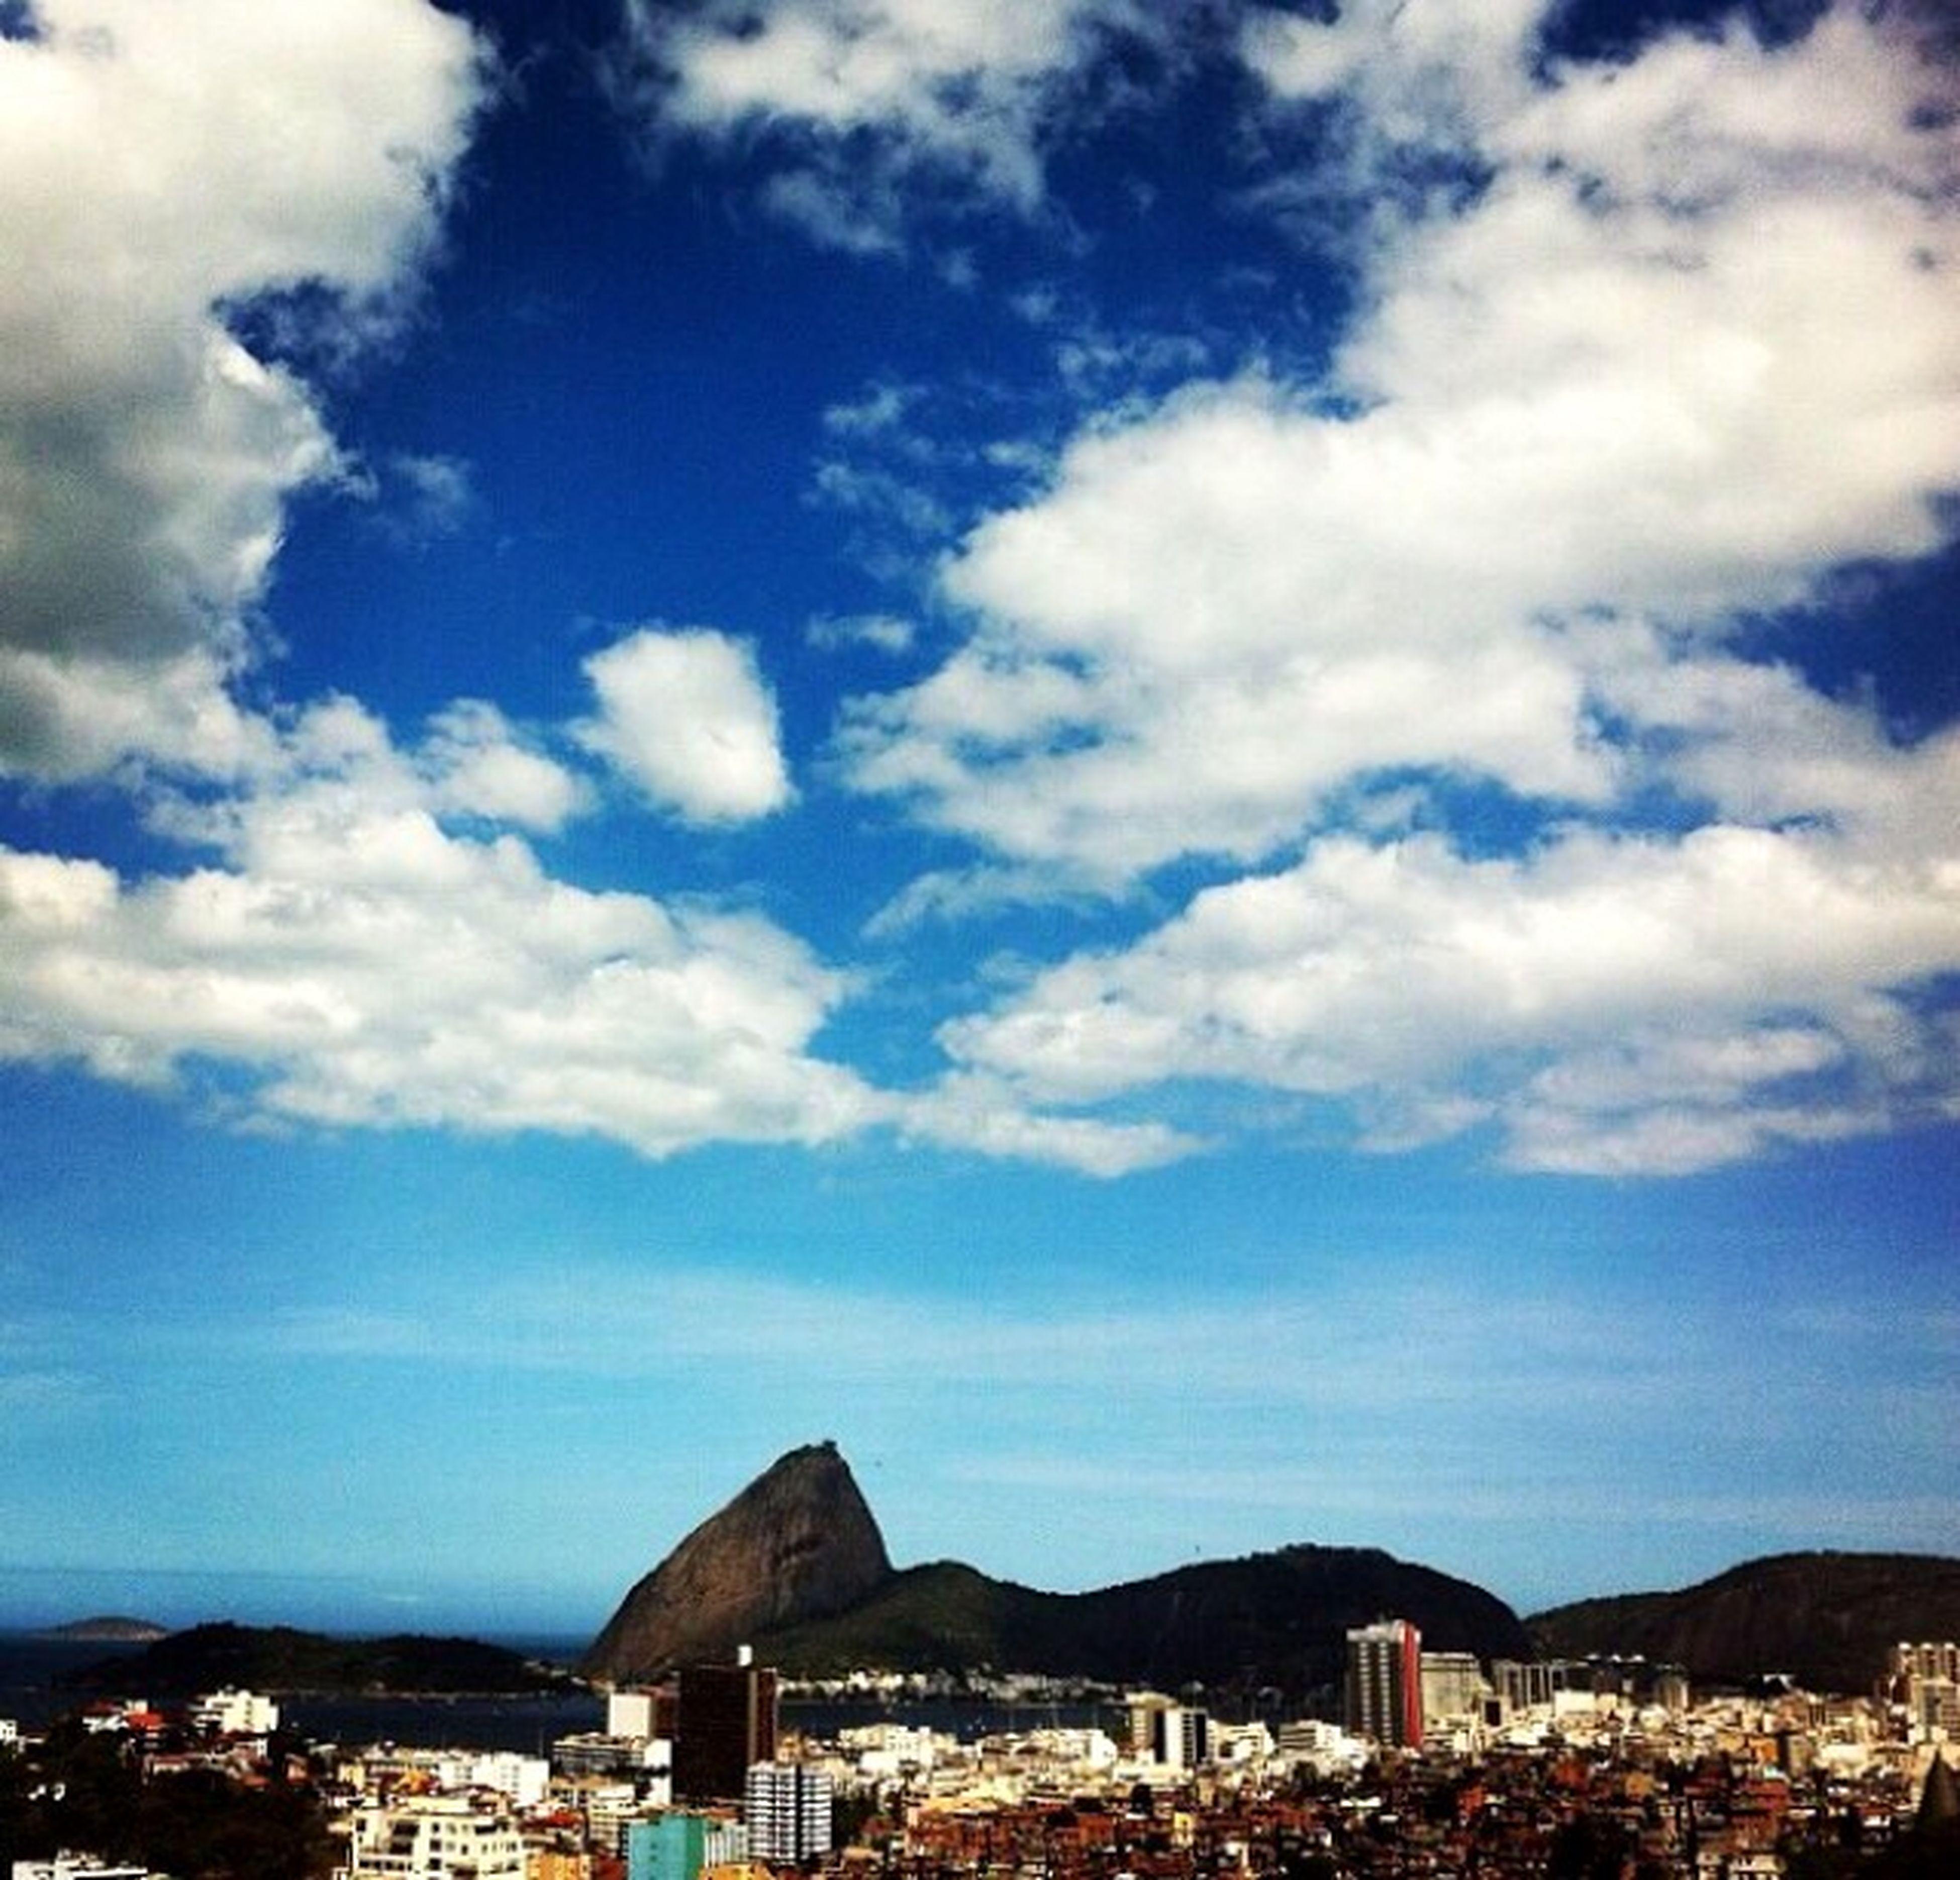 Rio De Janeiro Botafogo The Great Outdoors - 2017 EyeEm Awards TheBestOfBrazil